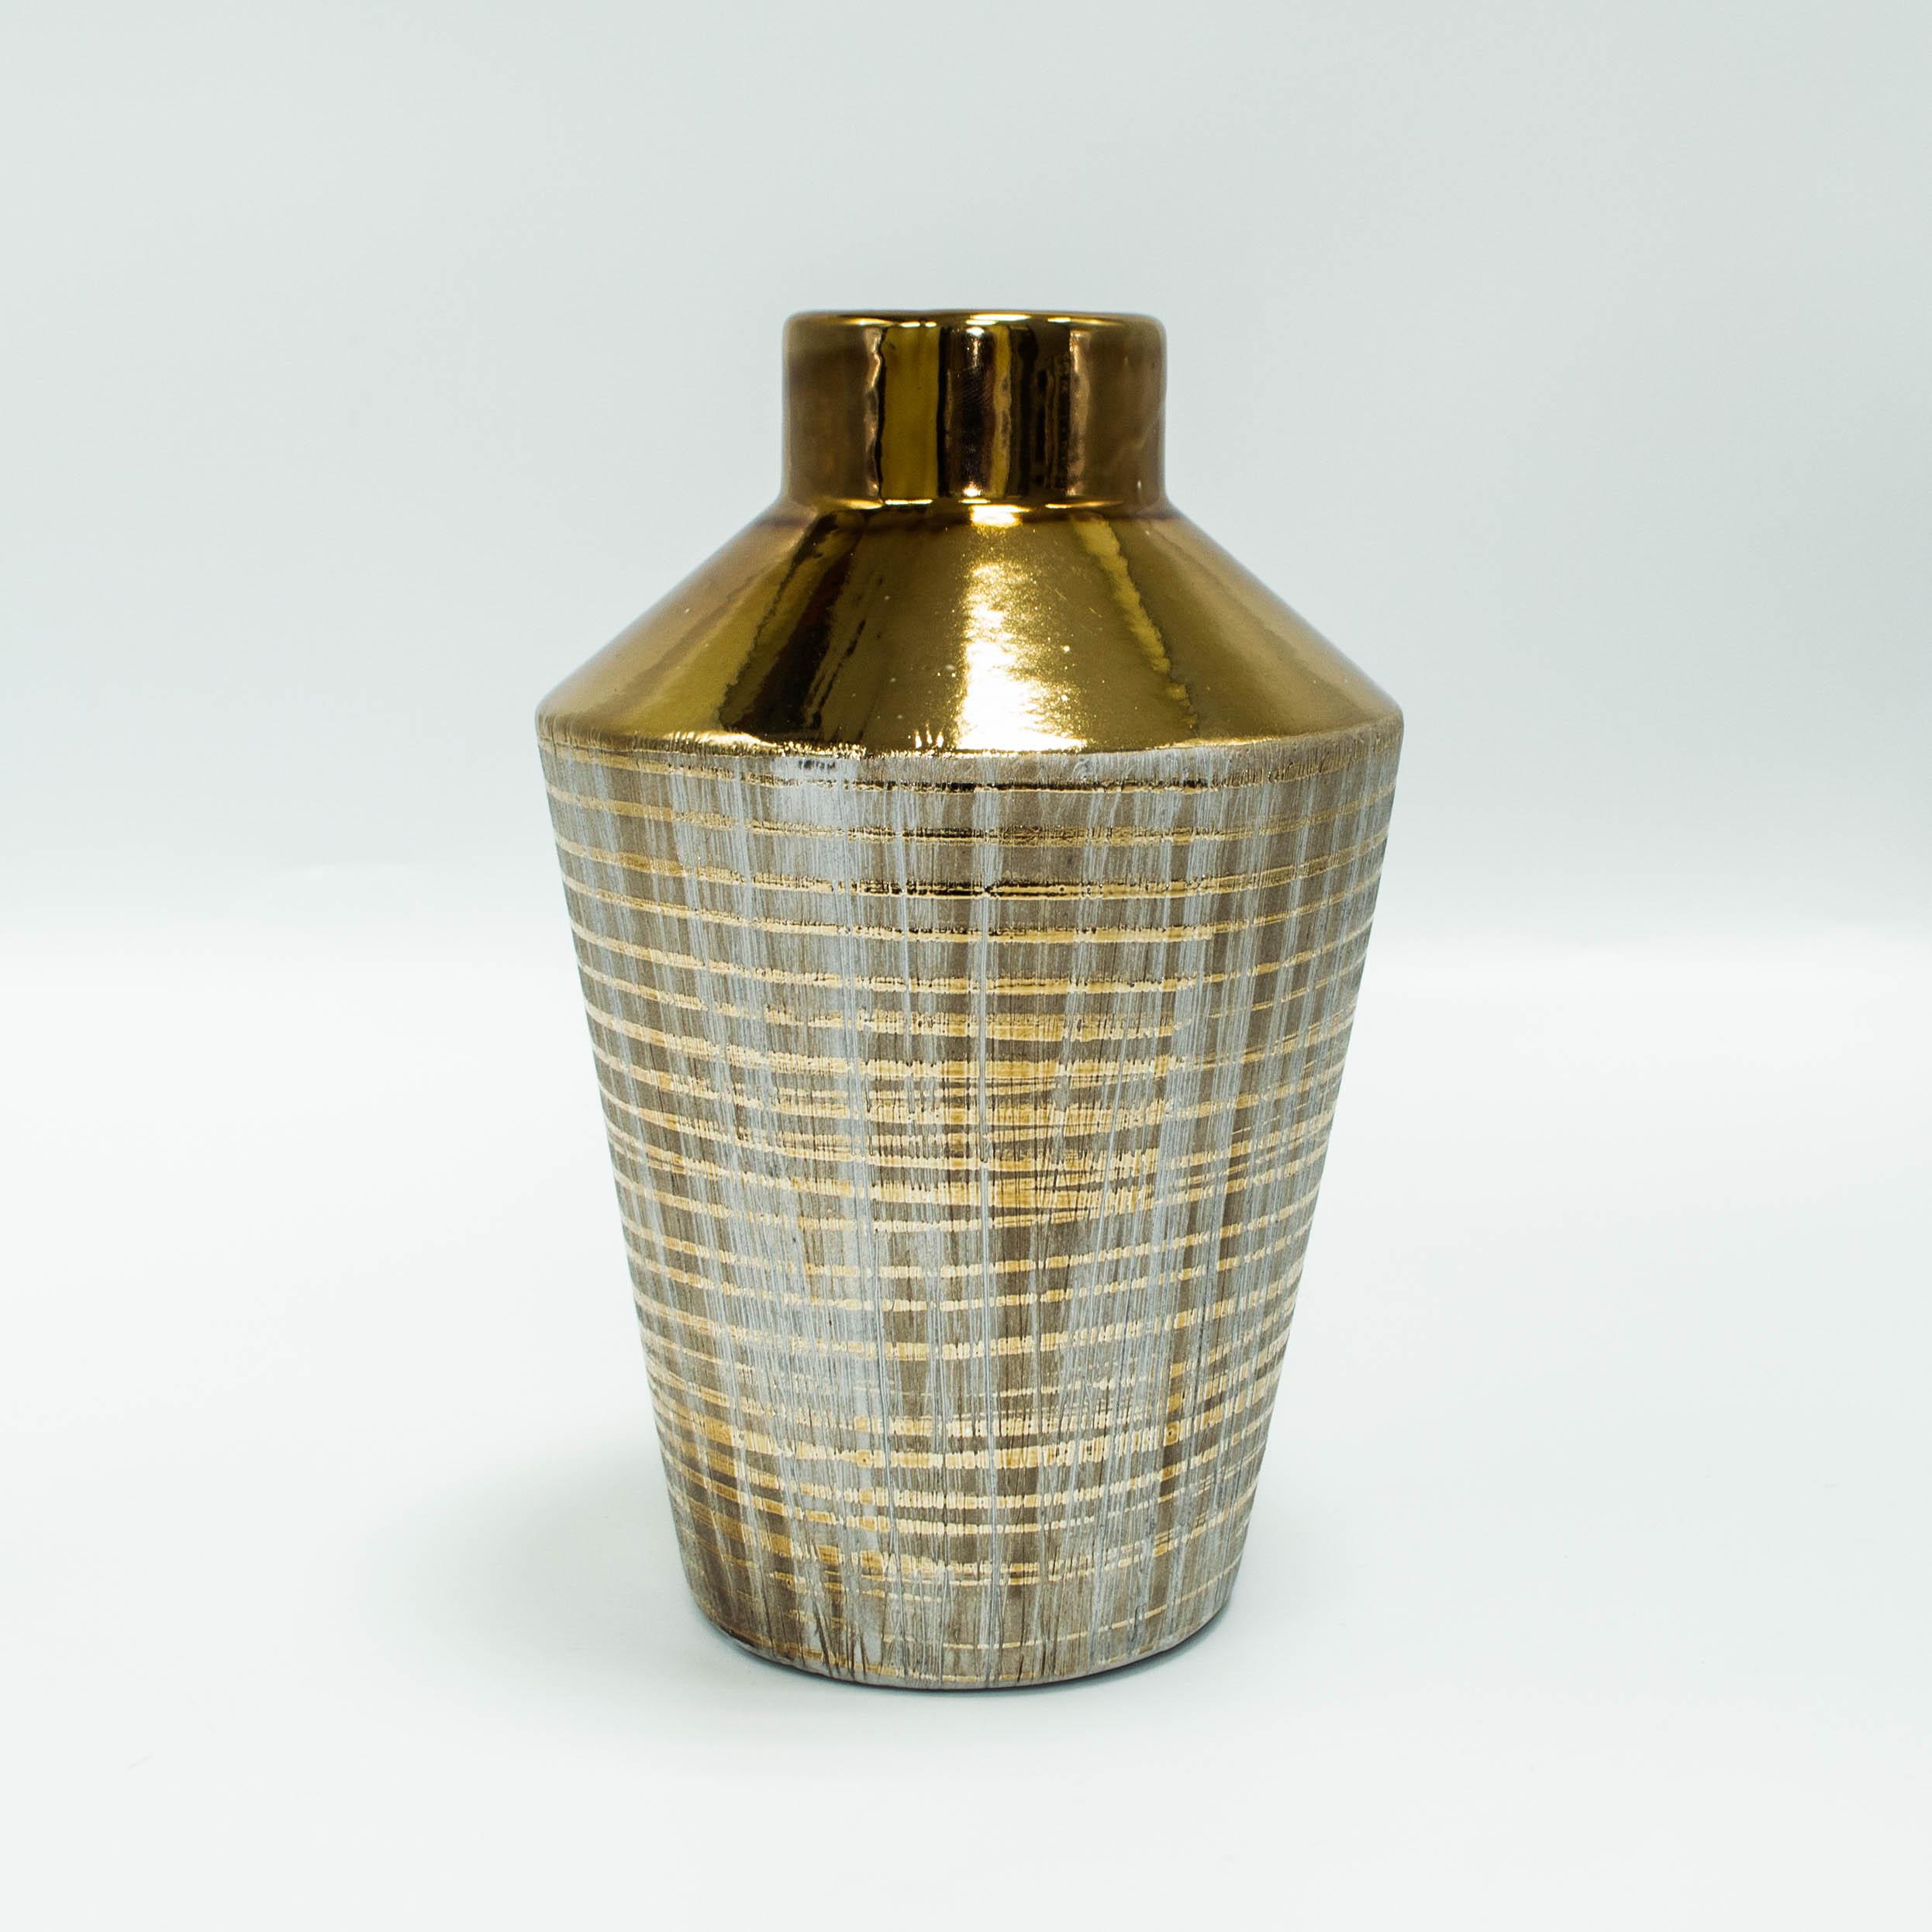 Ваза керамическая 22см 19204 тм16